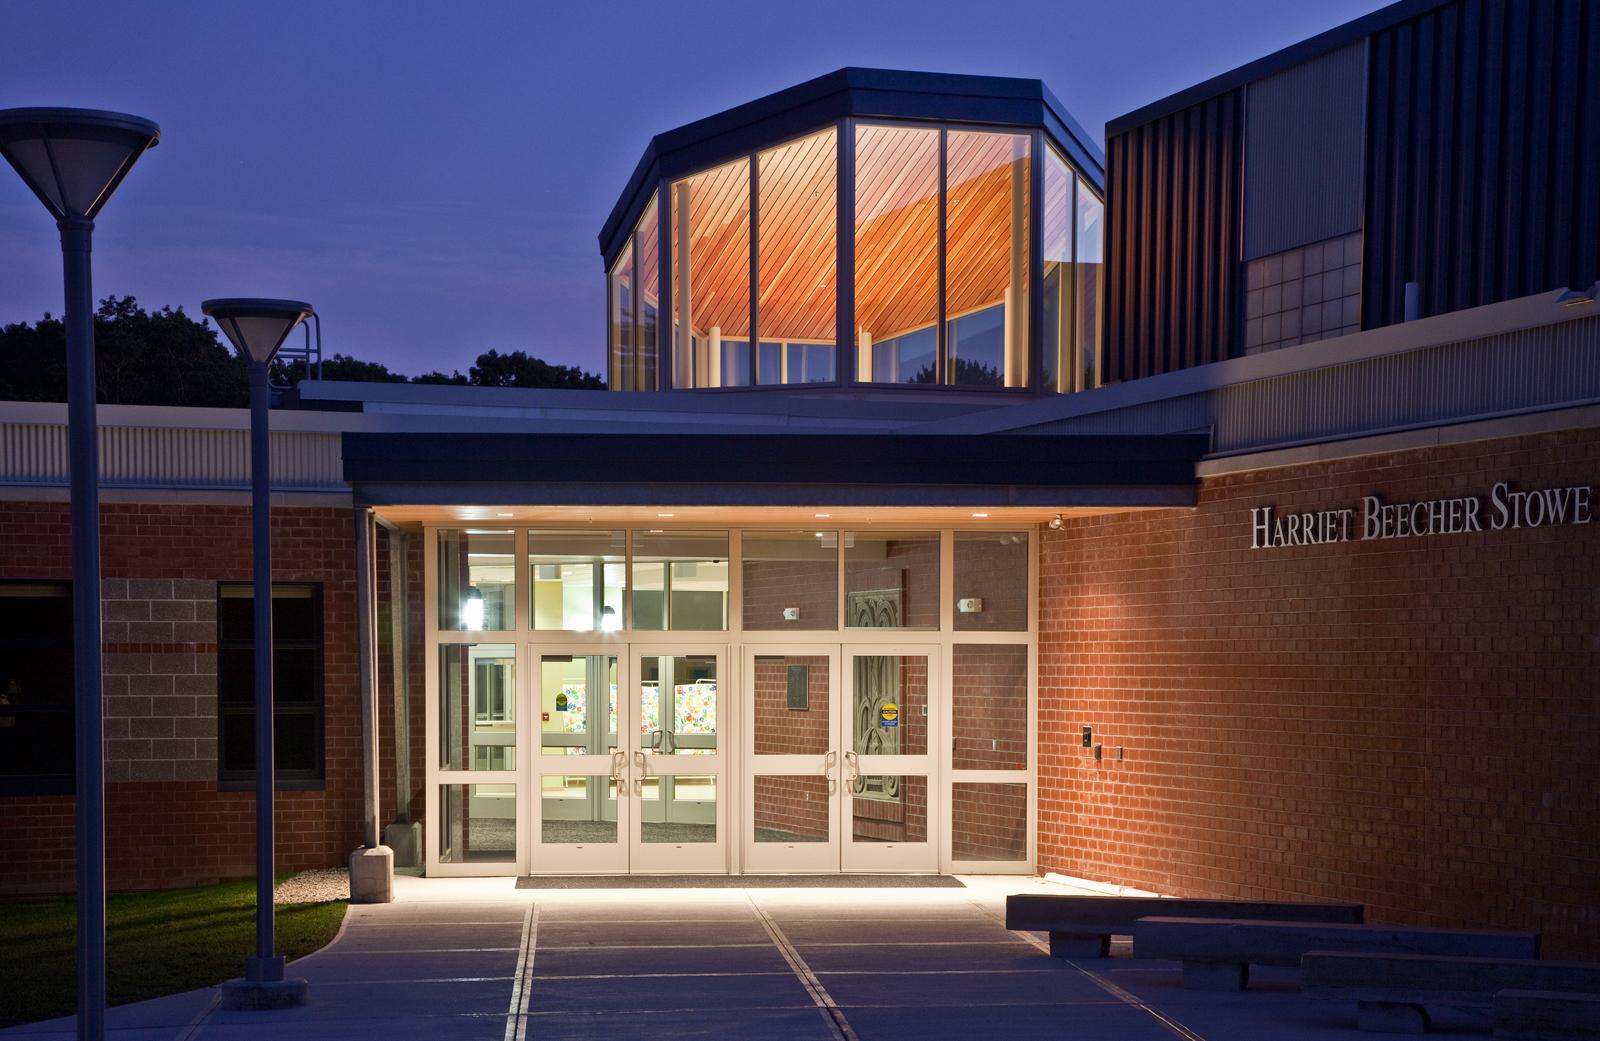 Harriet Beecher Stowe Elementary School